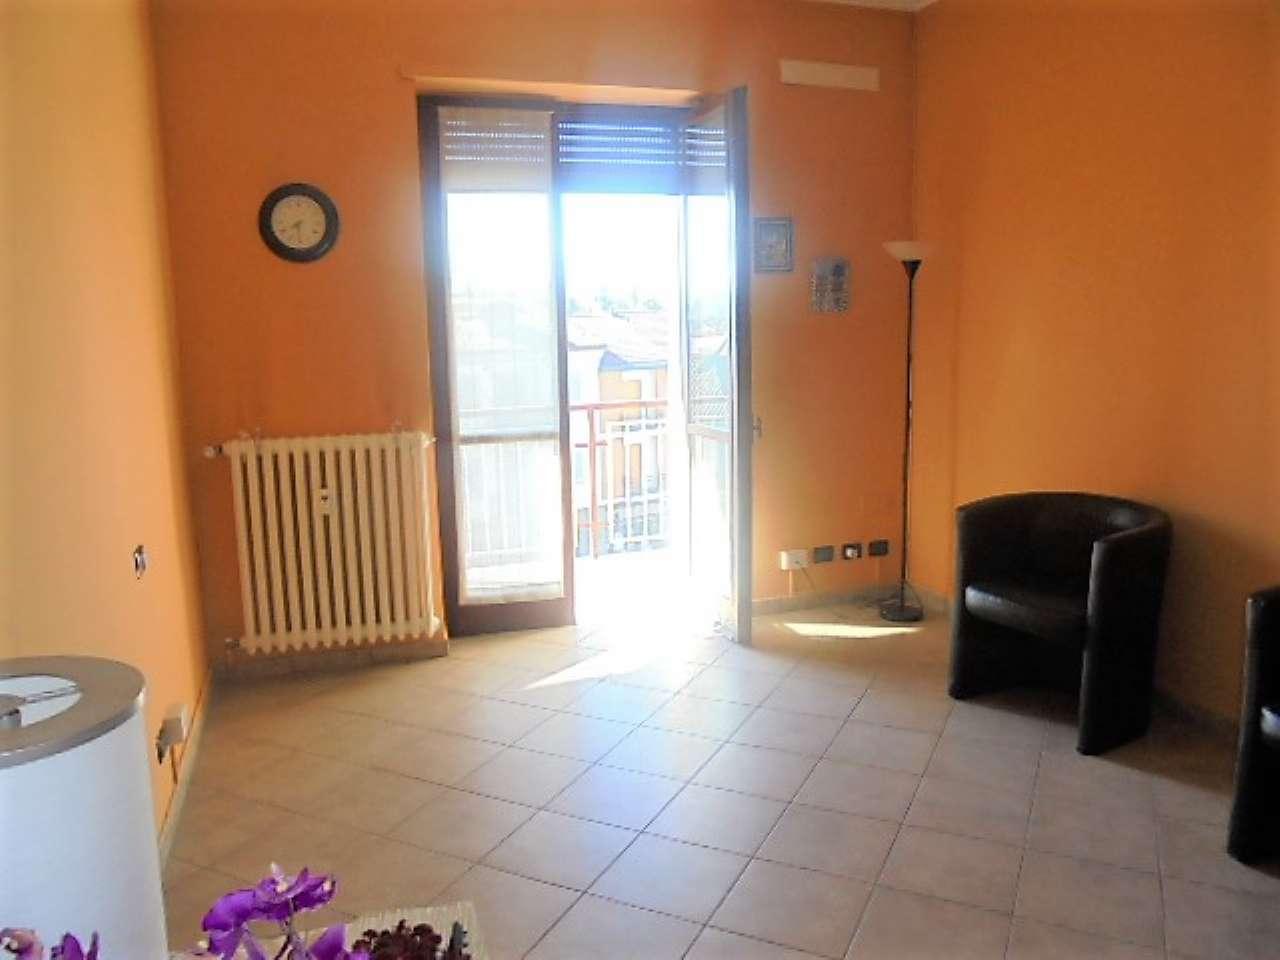 Appartamento in vendita a Santena, 3 locali, prezzo € 82.000 | CambioCasa.it